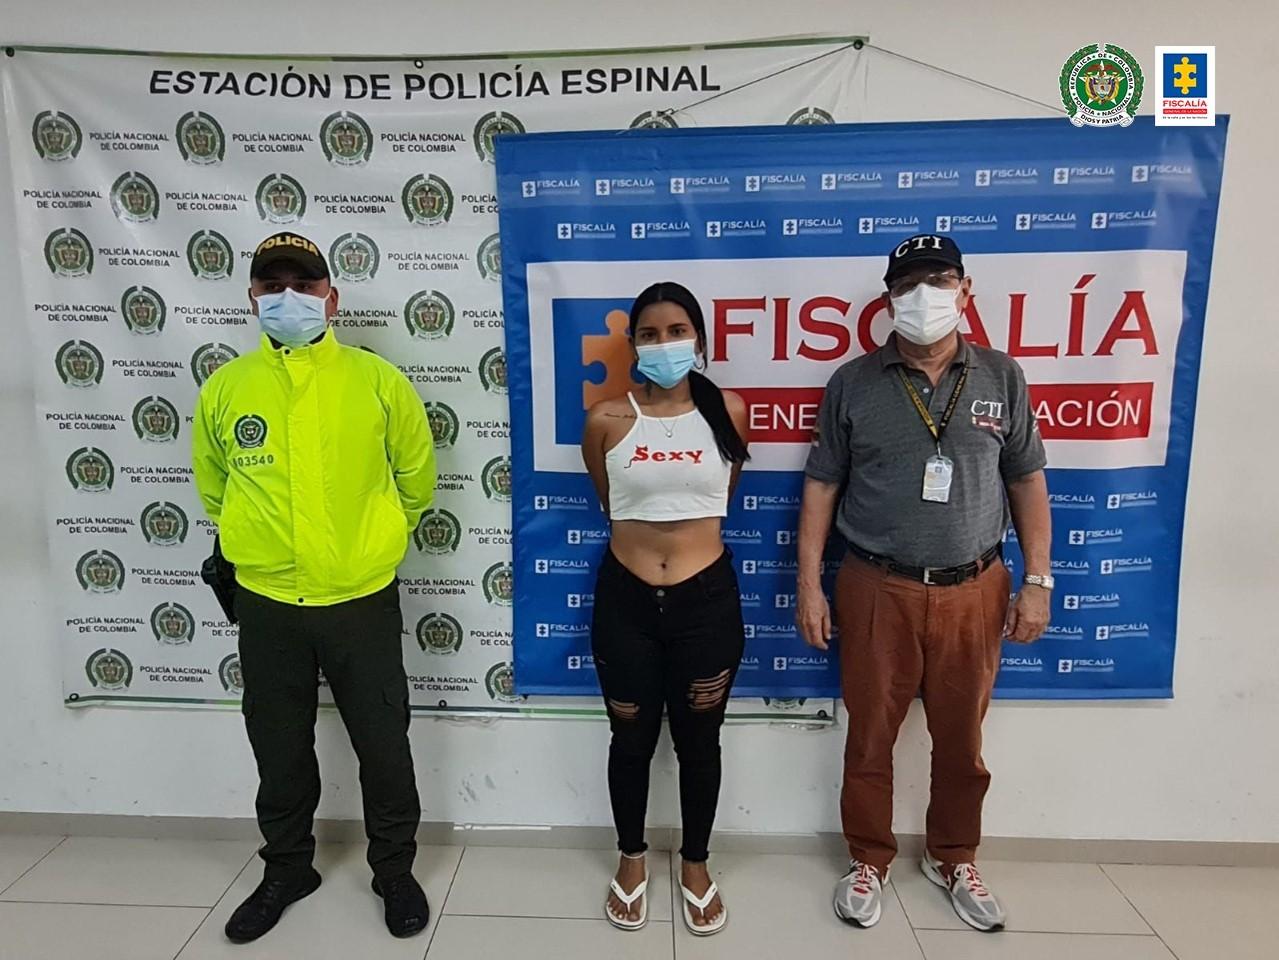 Asegurada una pareja por su presunta participación en varios hurtos en El Espinal (Tolima) 4